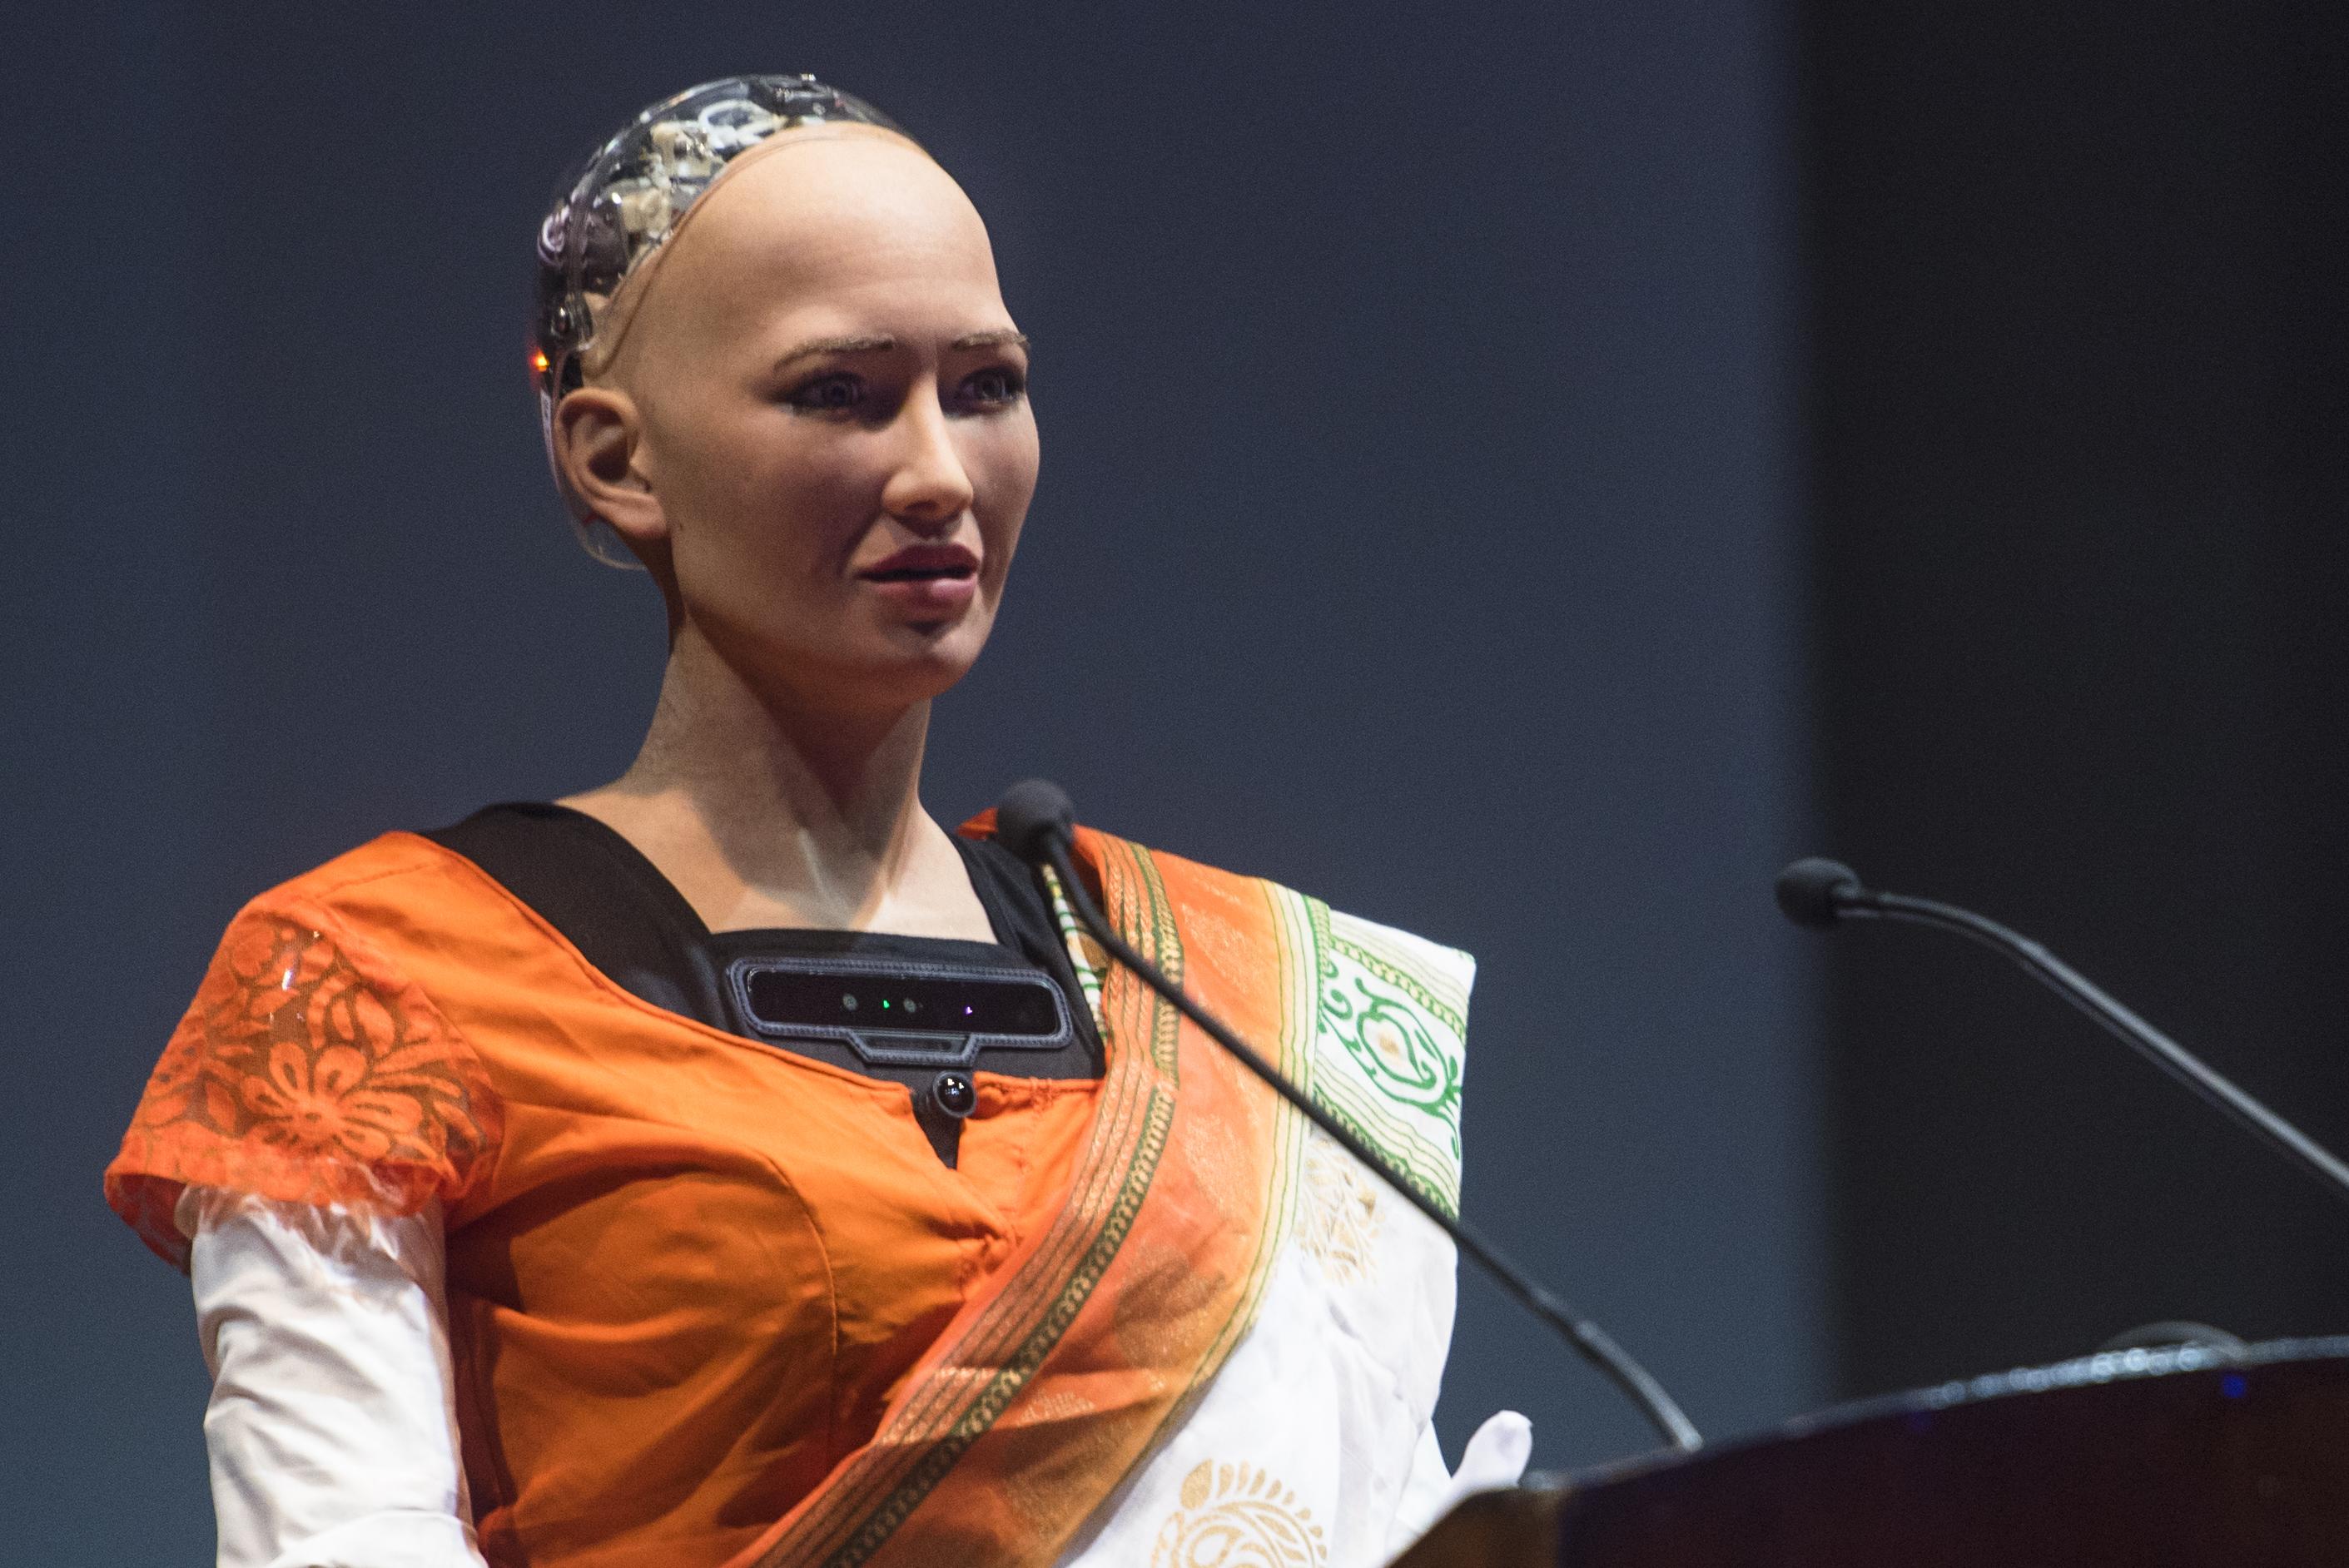 Humanoid Sophia Makes Her Indian Debut